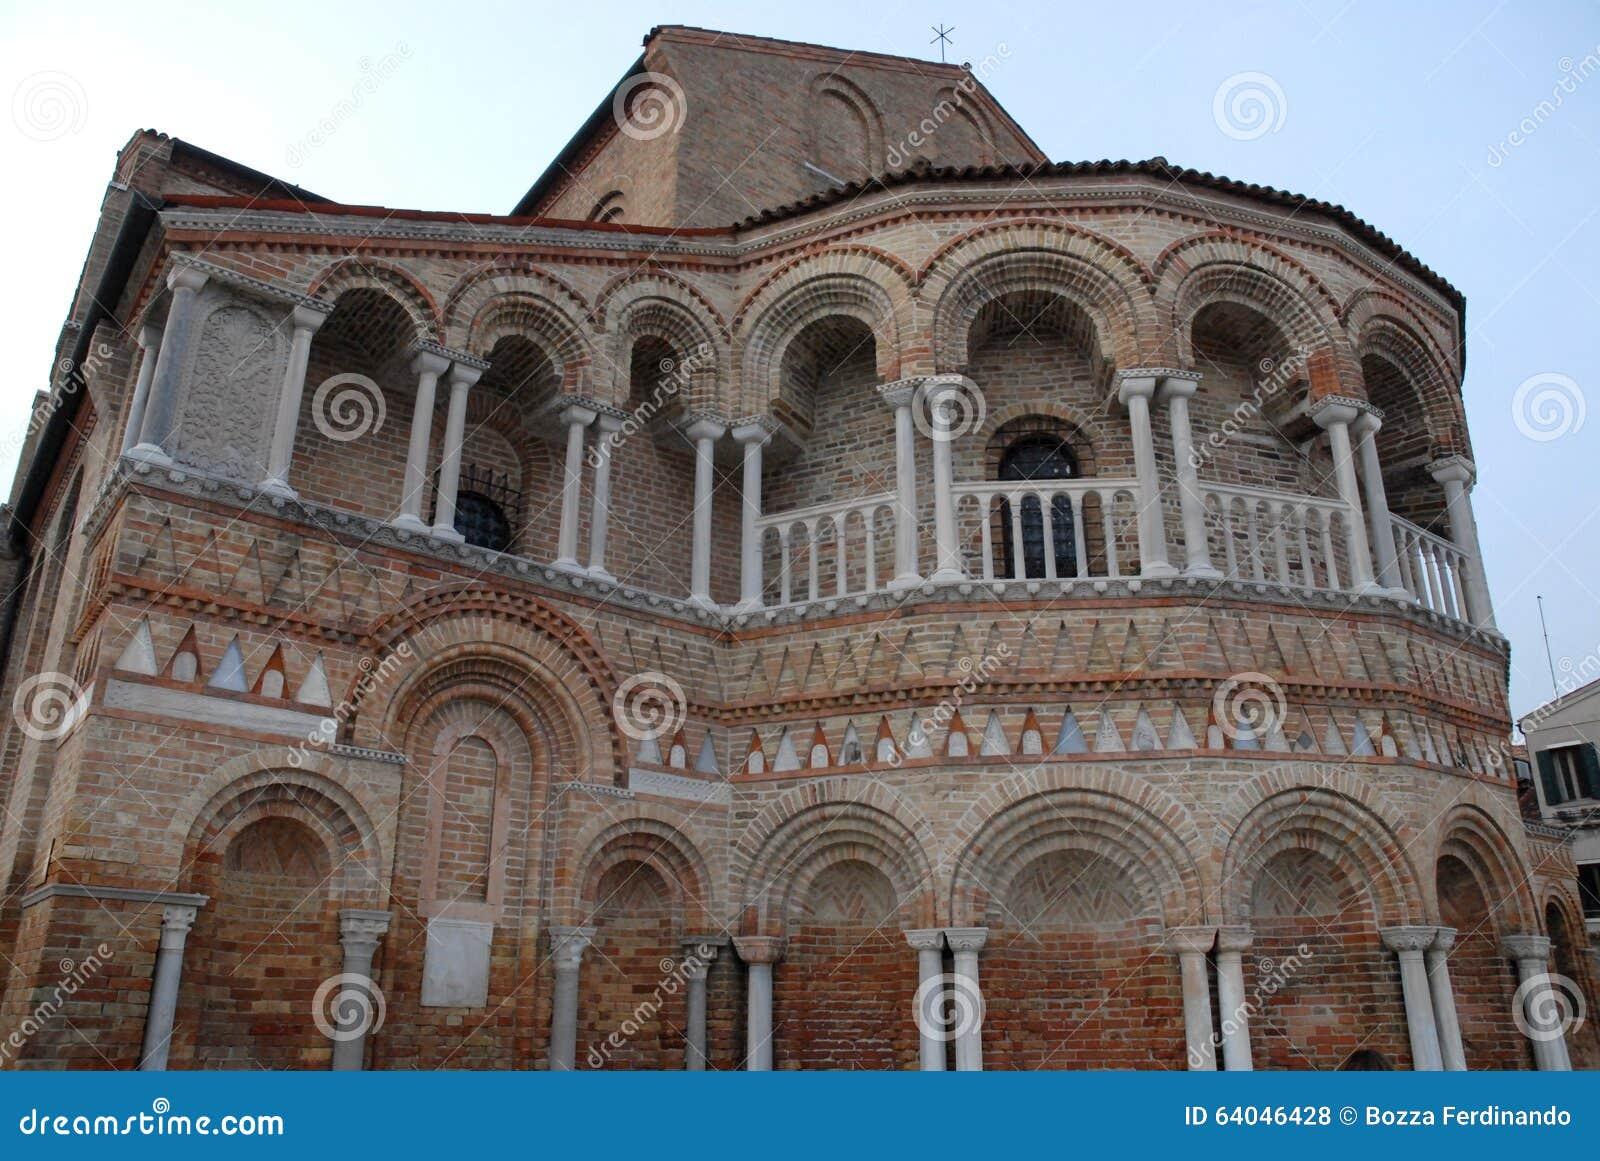 Die äußere Wand der Apsis der Kathedrale von Murano im Stadtbezirk von Venedig im Venetien (Italien)